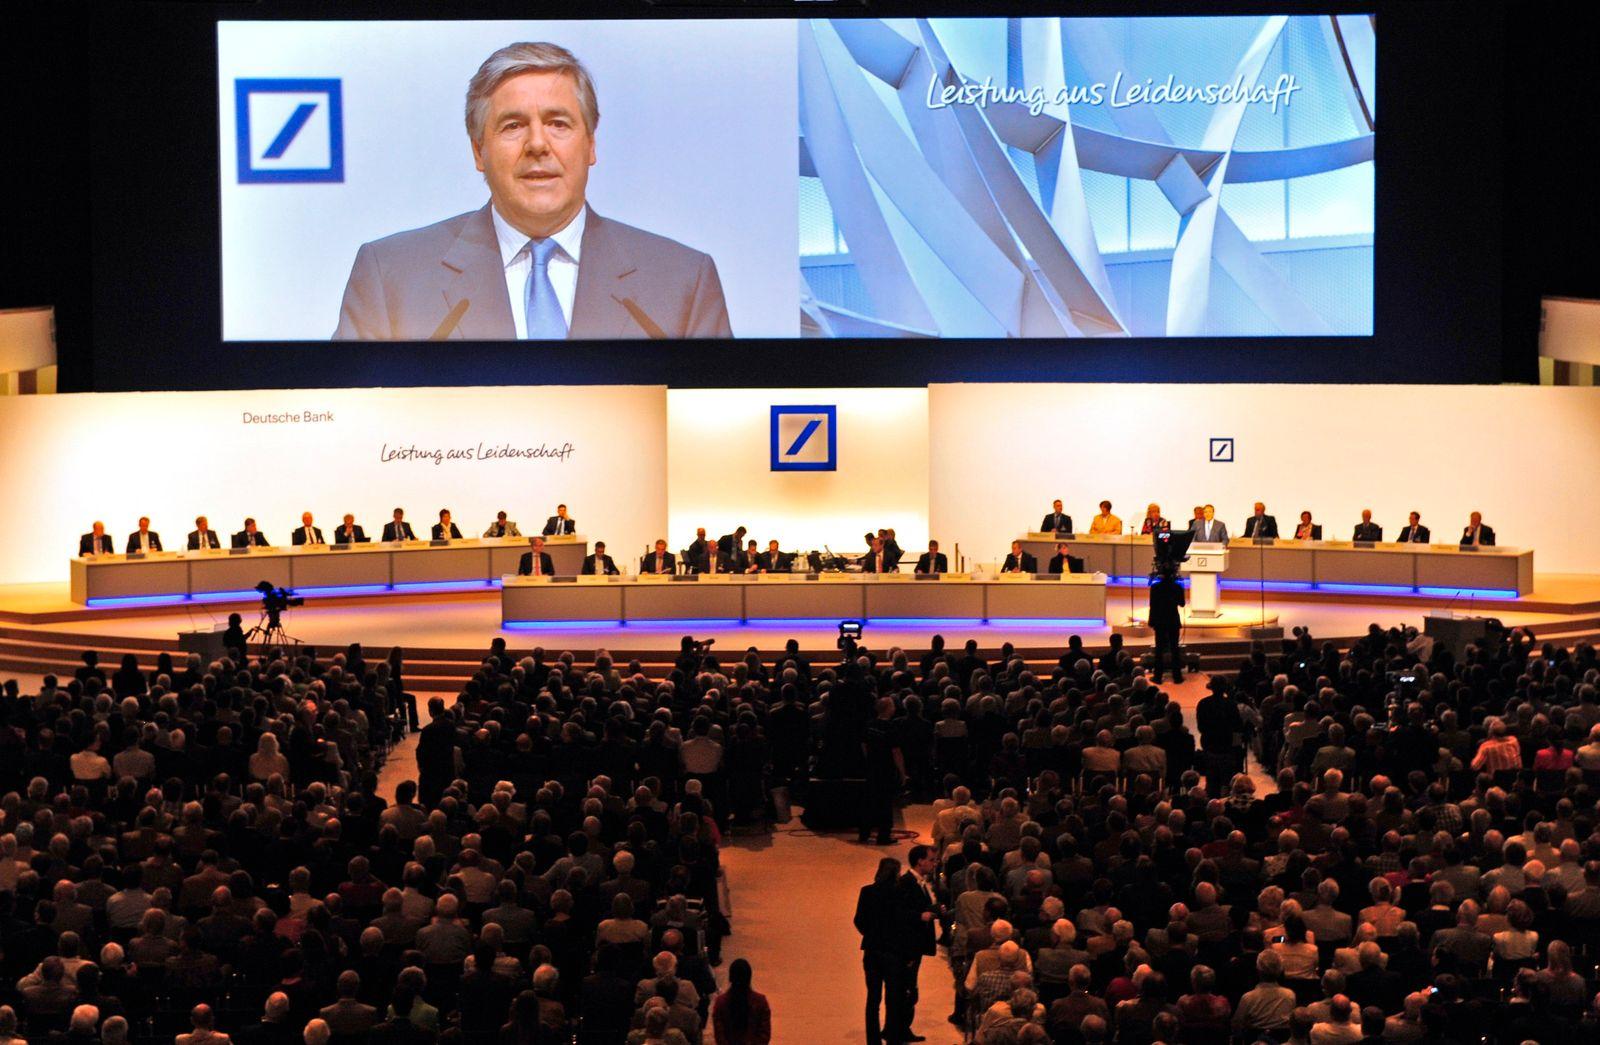 Hauptversammlung 2011 Deutsche Bank